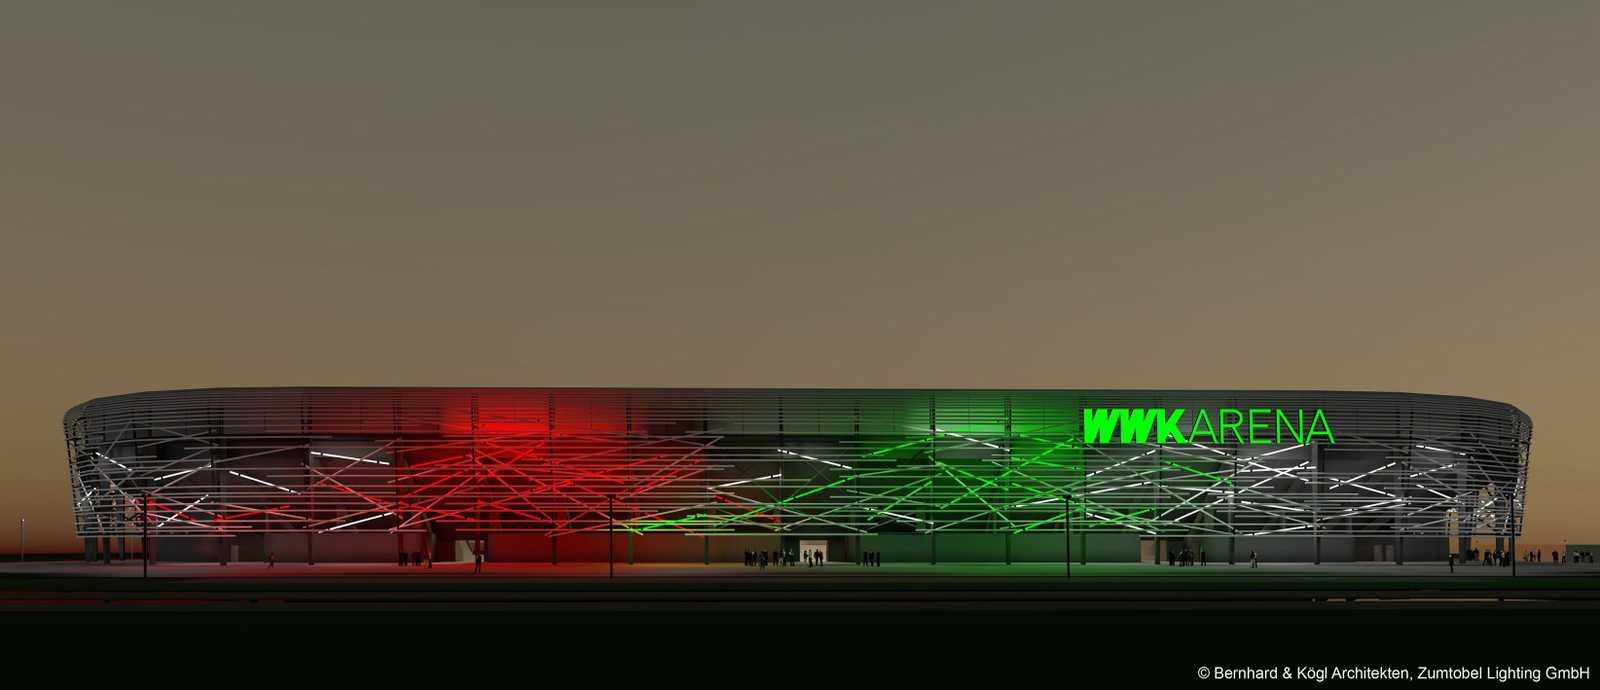 da strahlt augsburg stadion des fc augsburg bekommt neue. Black Bedroom Furniture Sets. Home Design Ideas